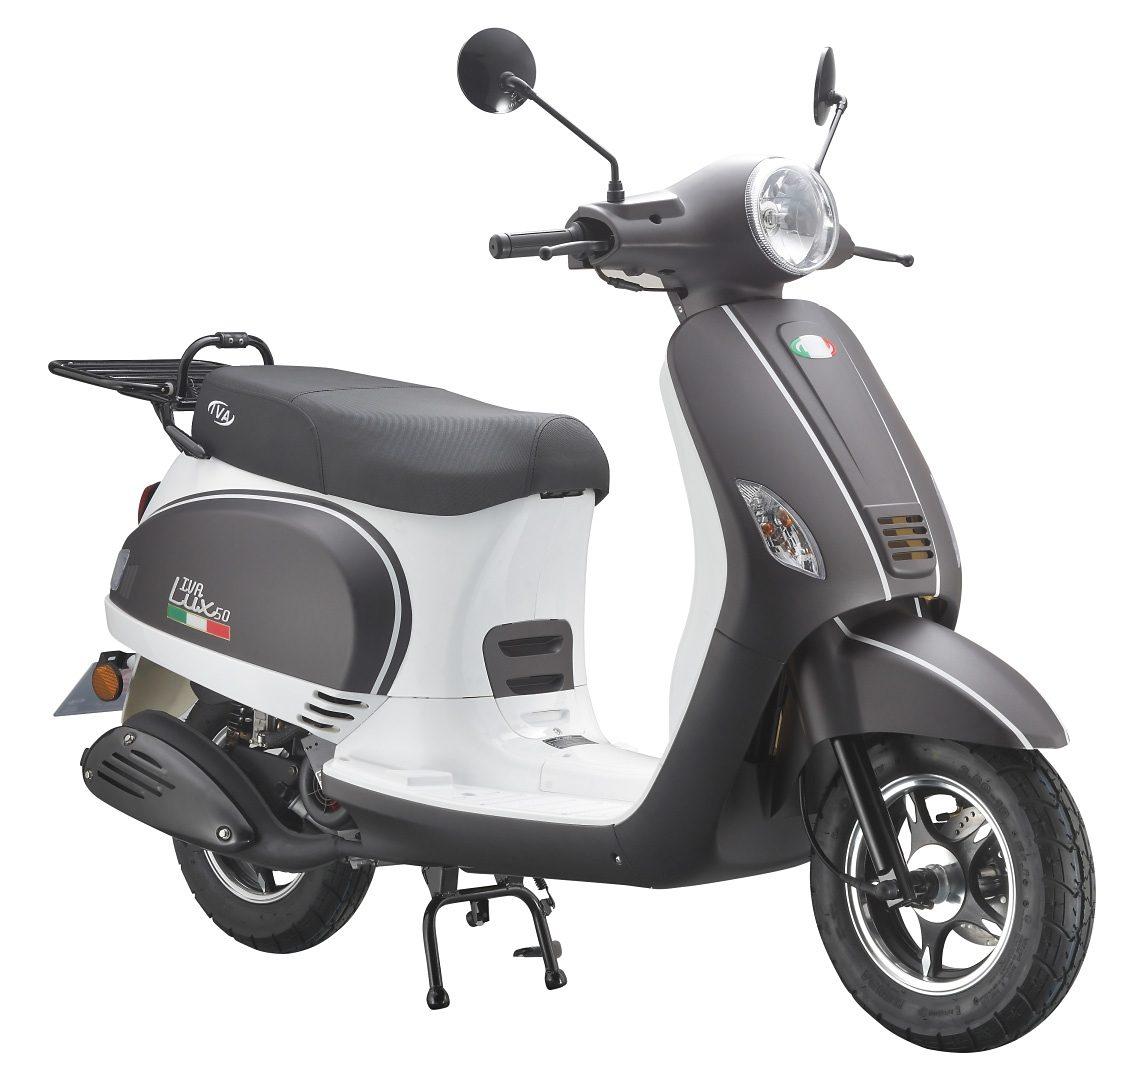 Mofaroller, 50 ccm, 3 PS, 25 km/h, für 1 Person, mattschwarz-weiss, »LUX«, IVA